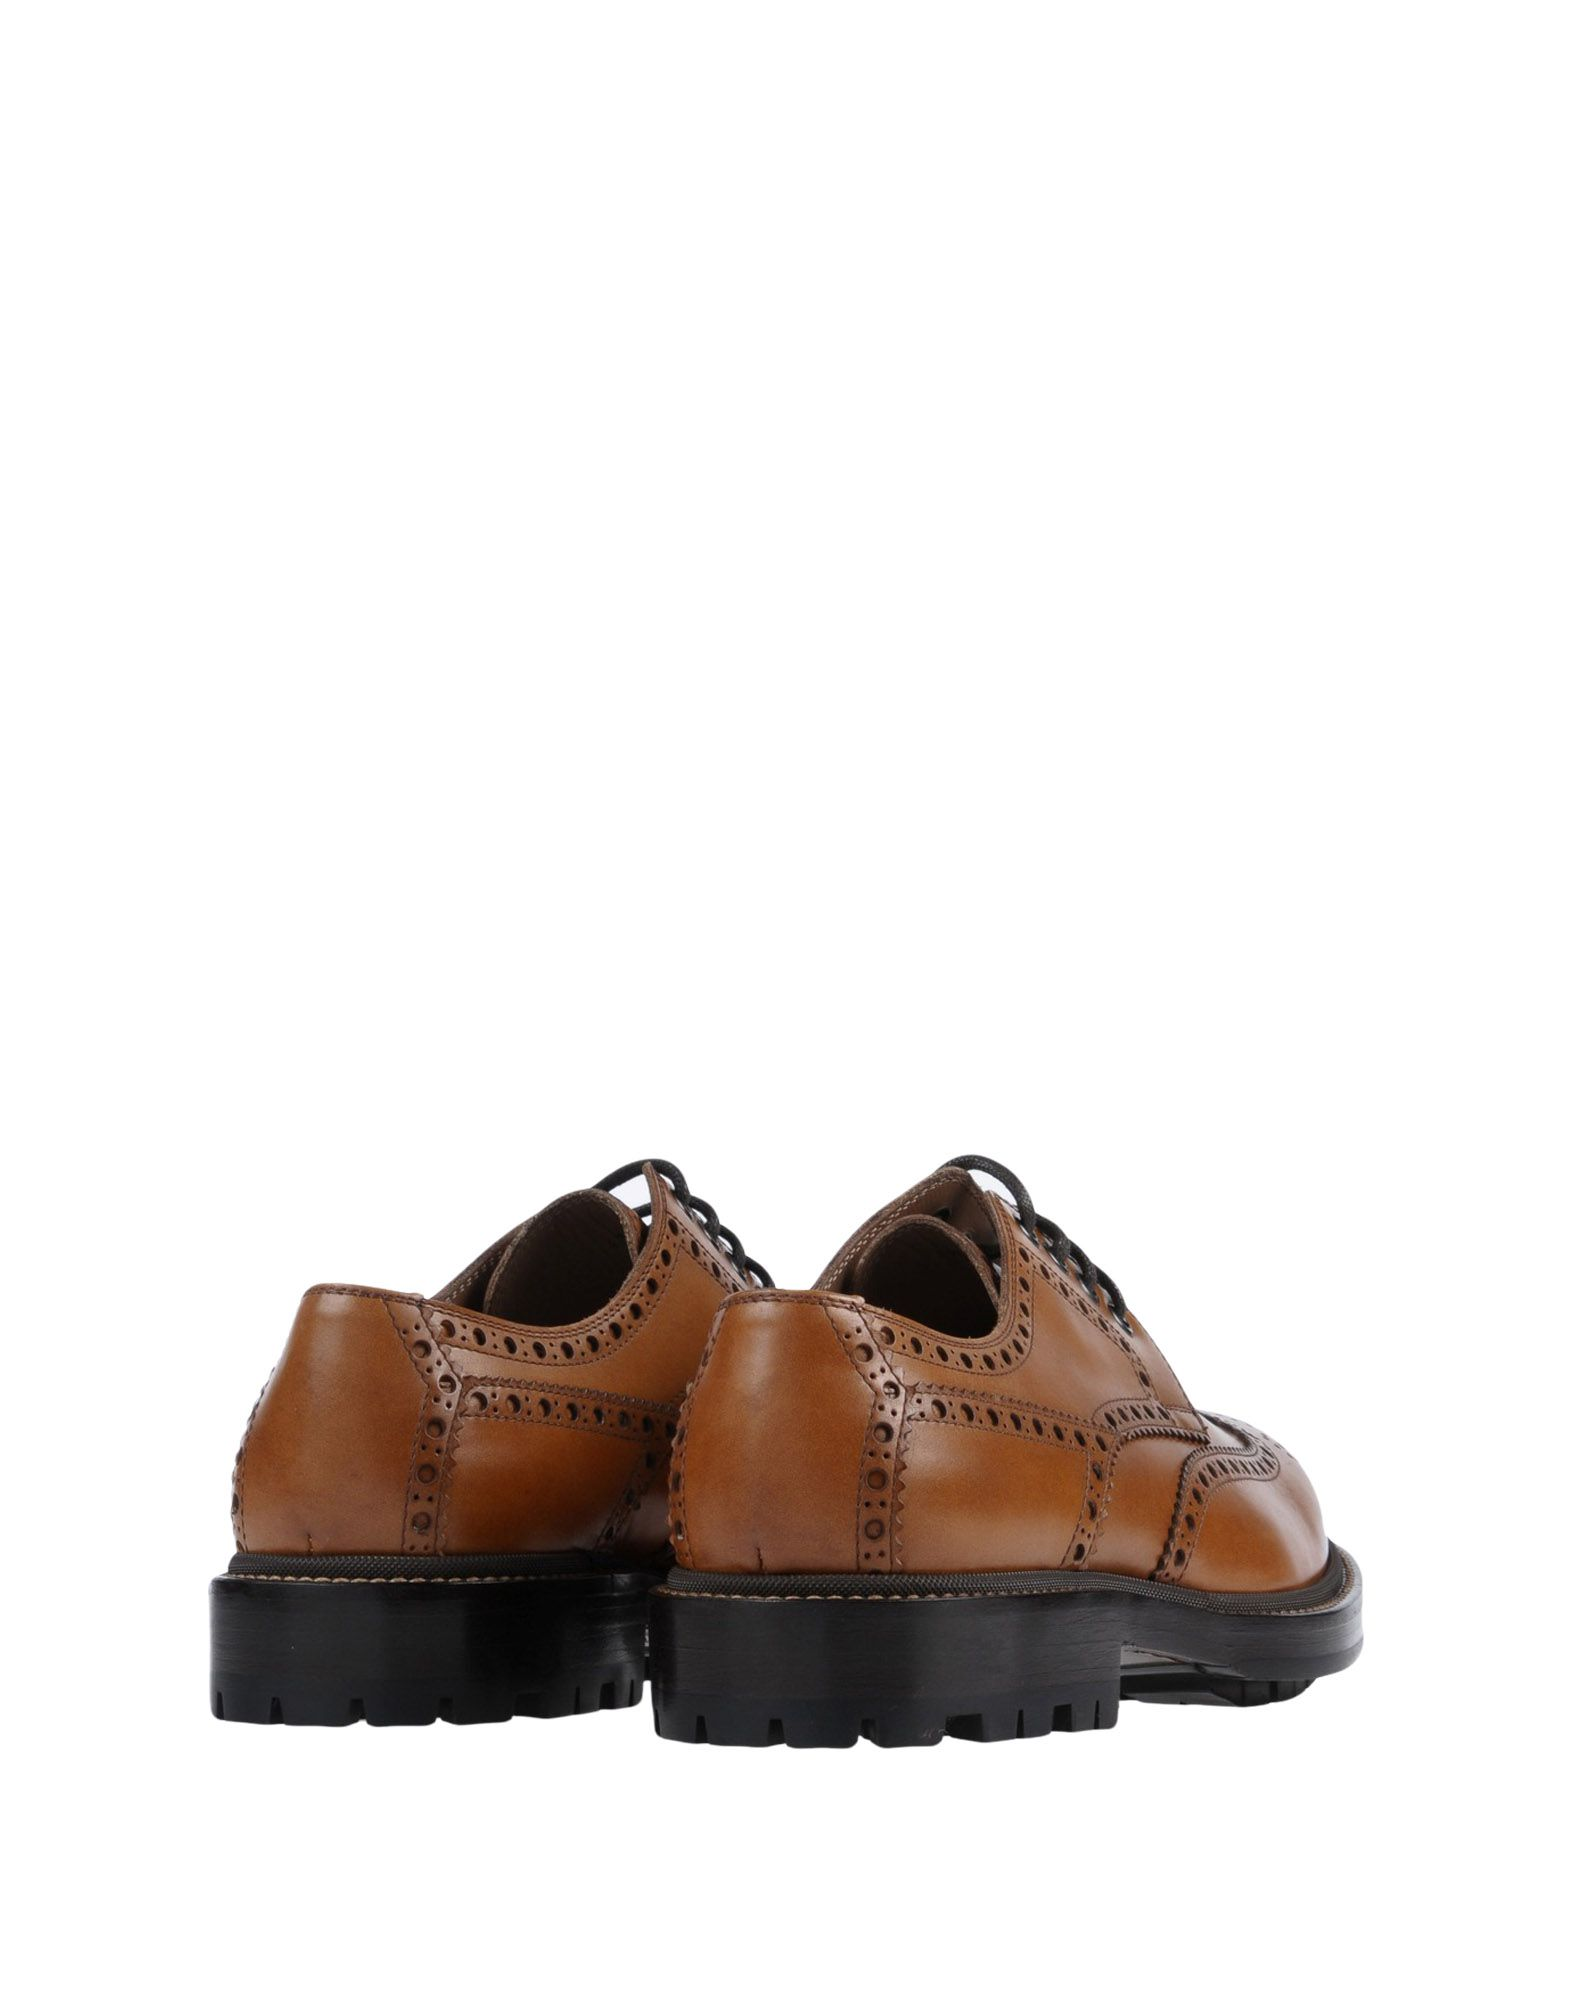 Brunello Cucinelli Schnürschuhe Herren  11504878LF Gute Qualität beliebte Schuhe